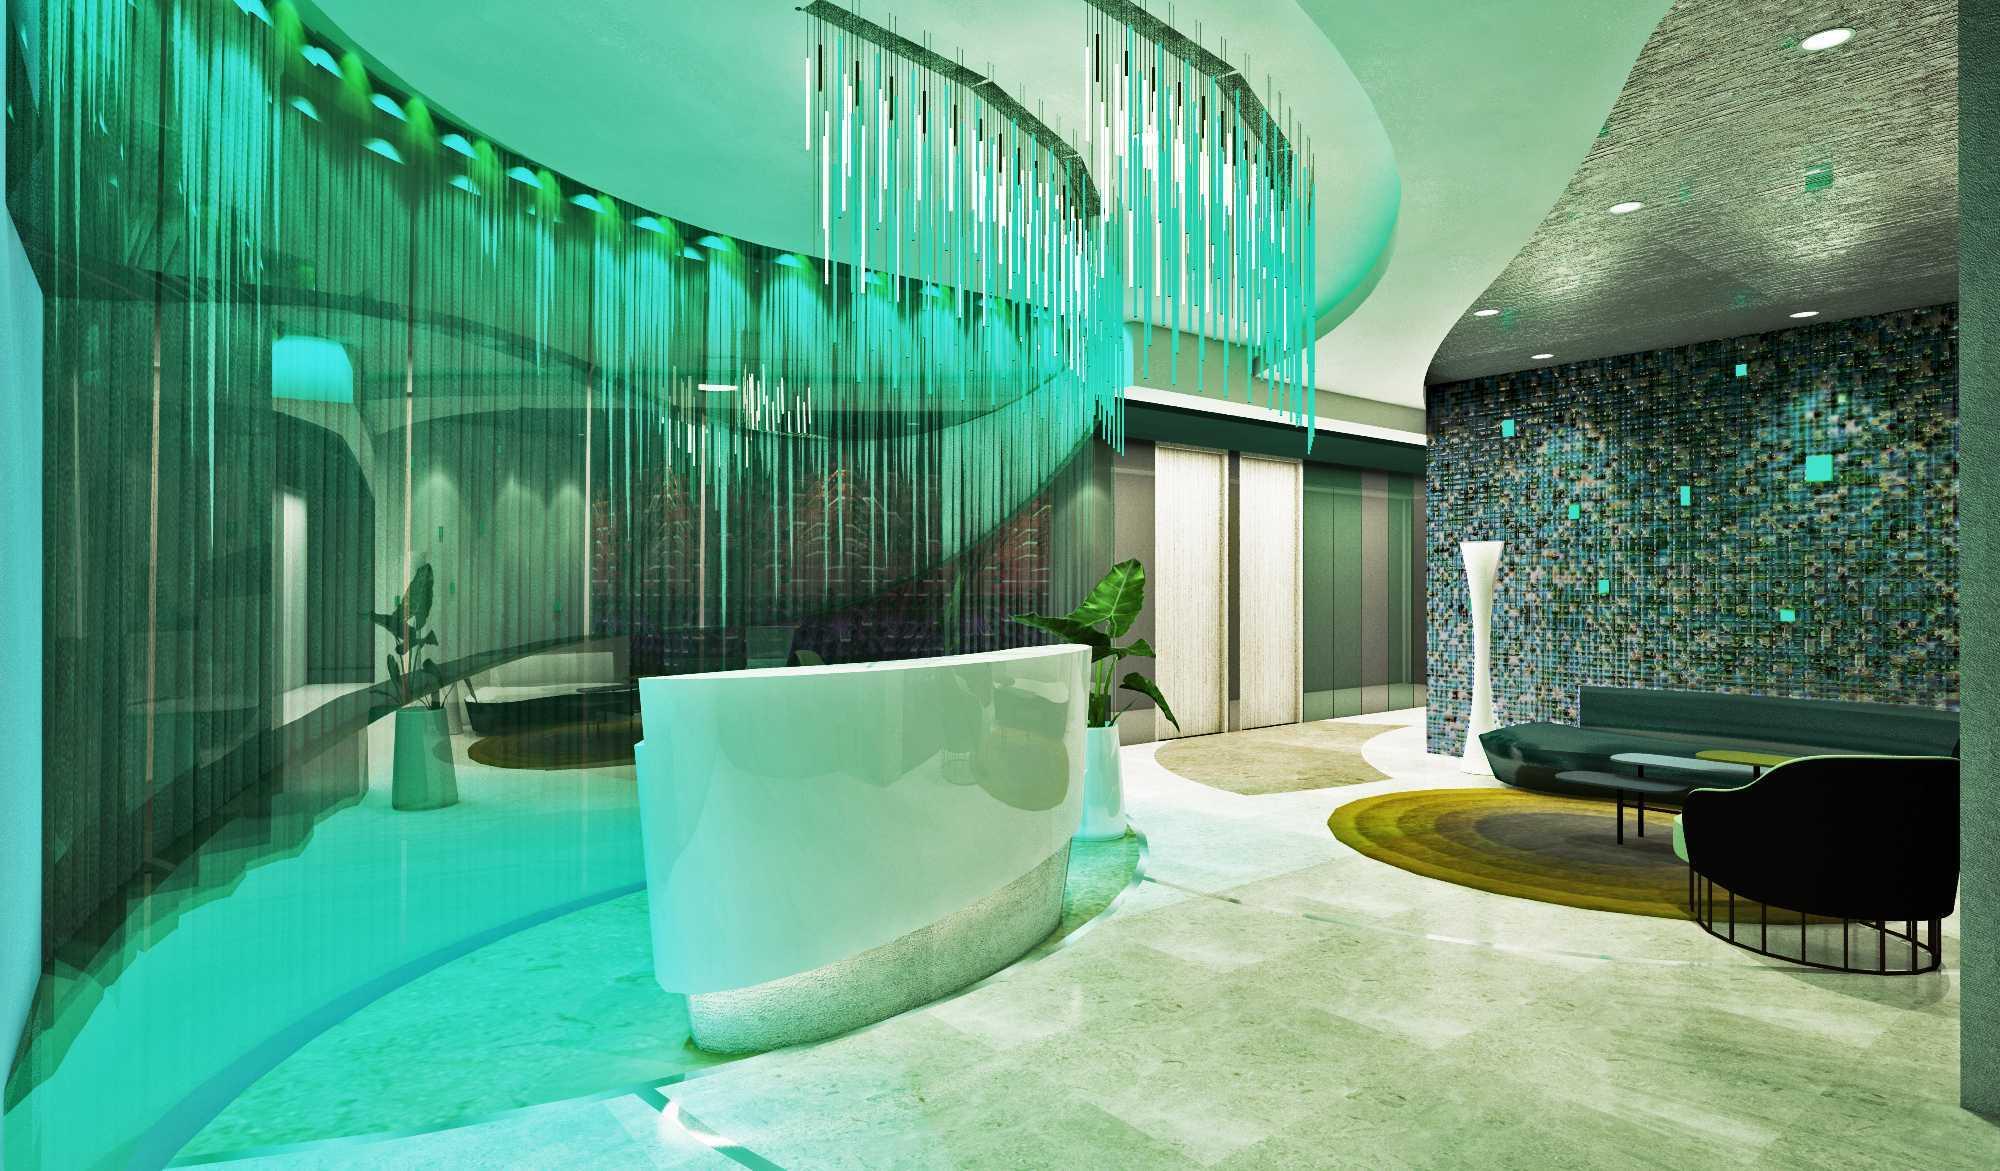 Jasa Interior Desainer Moco Design Studio di Madiun